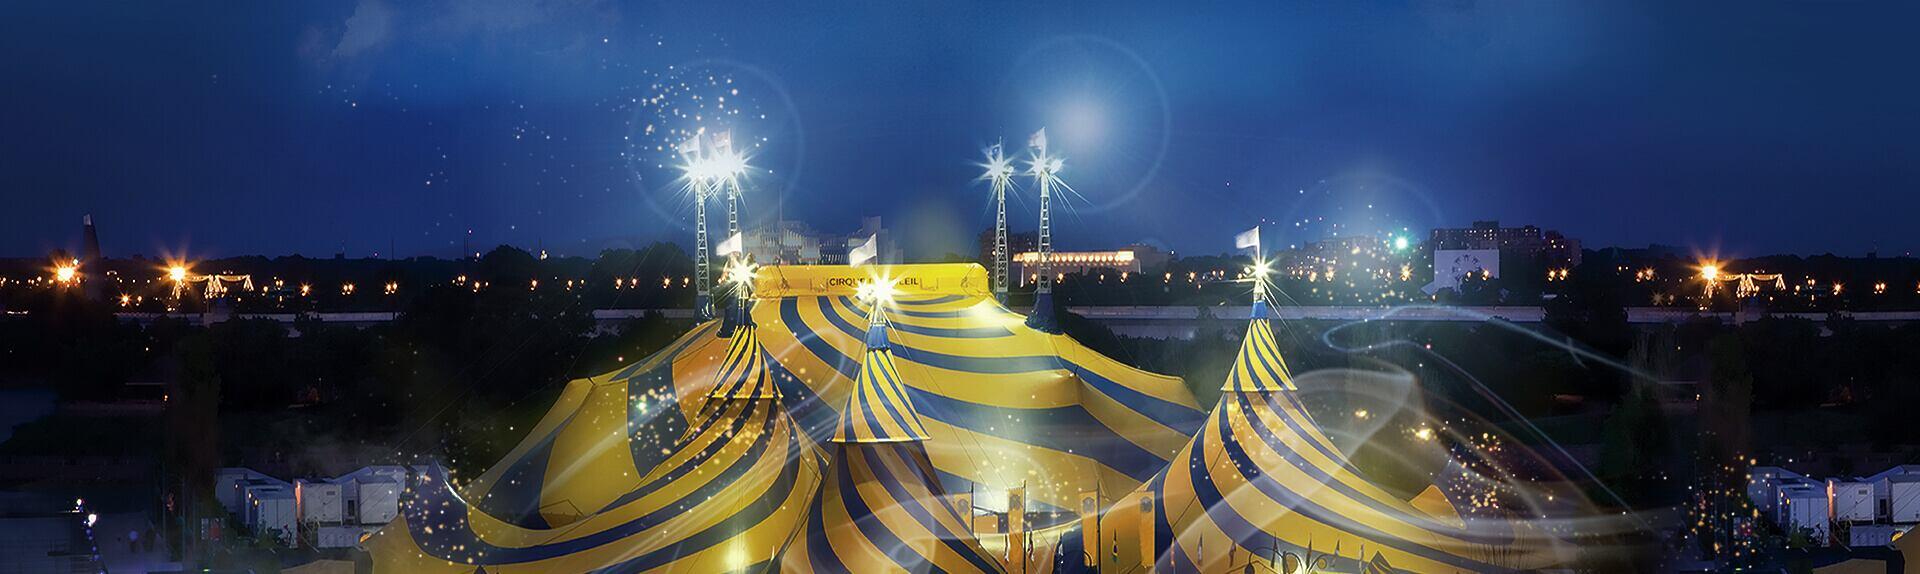 Resultado de imagen de cirque du soleil carpa